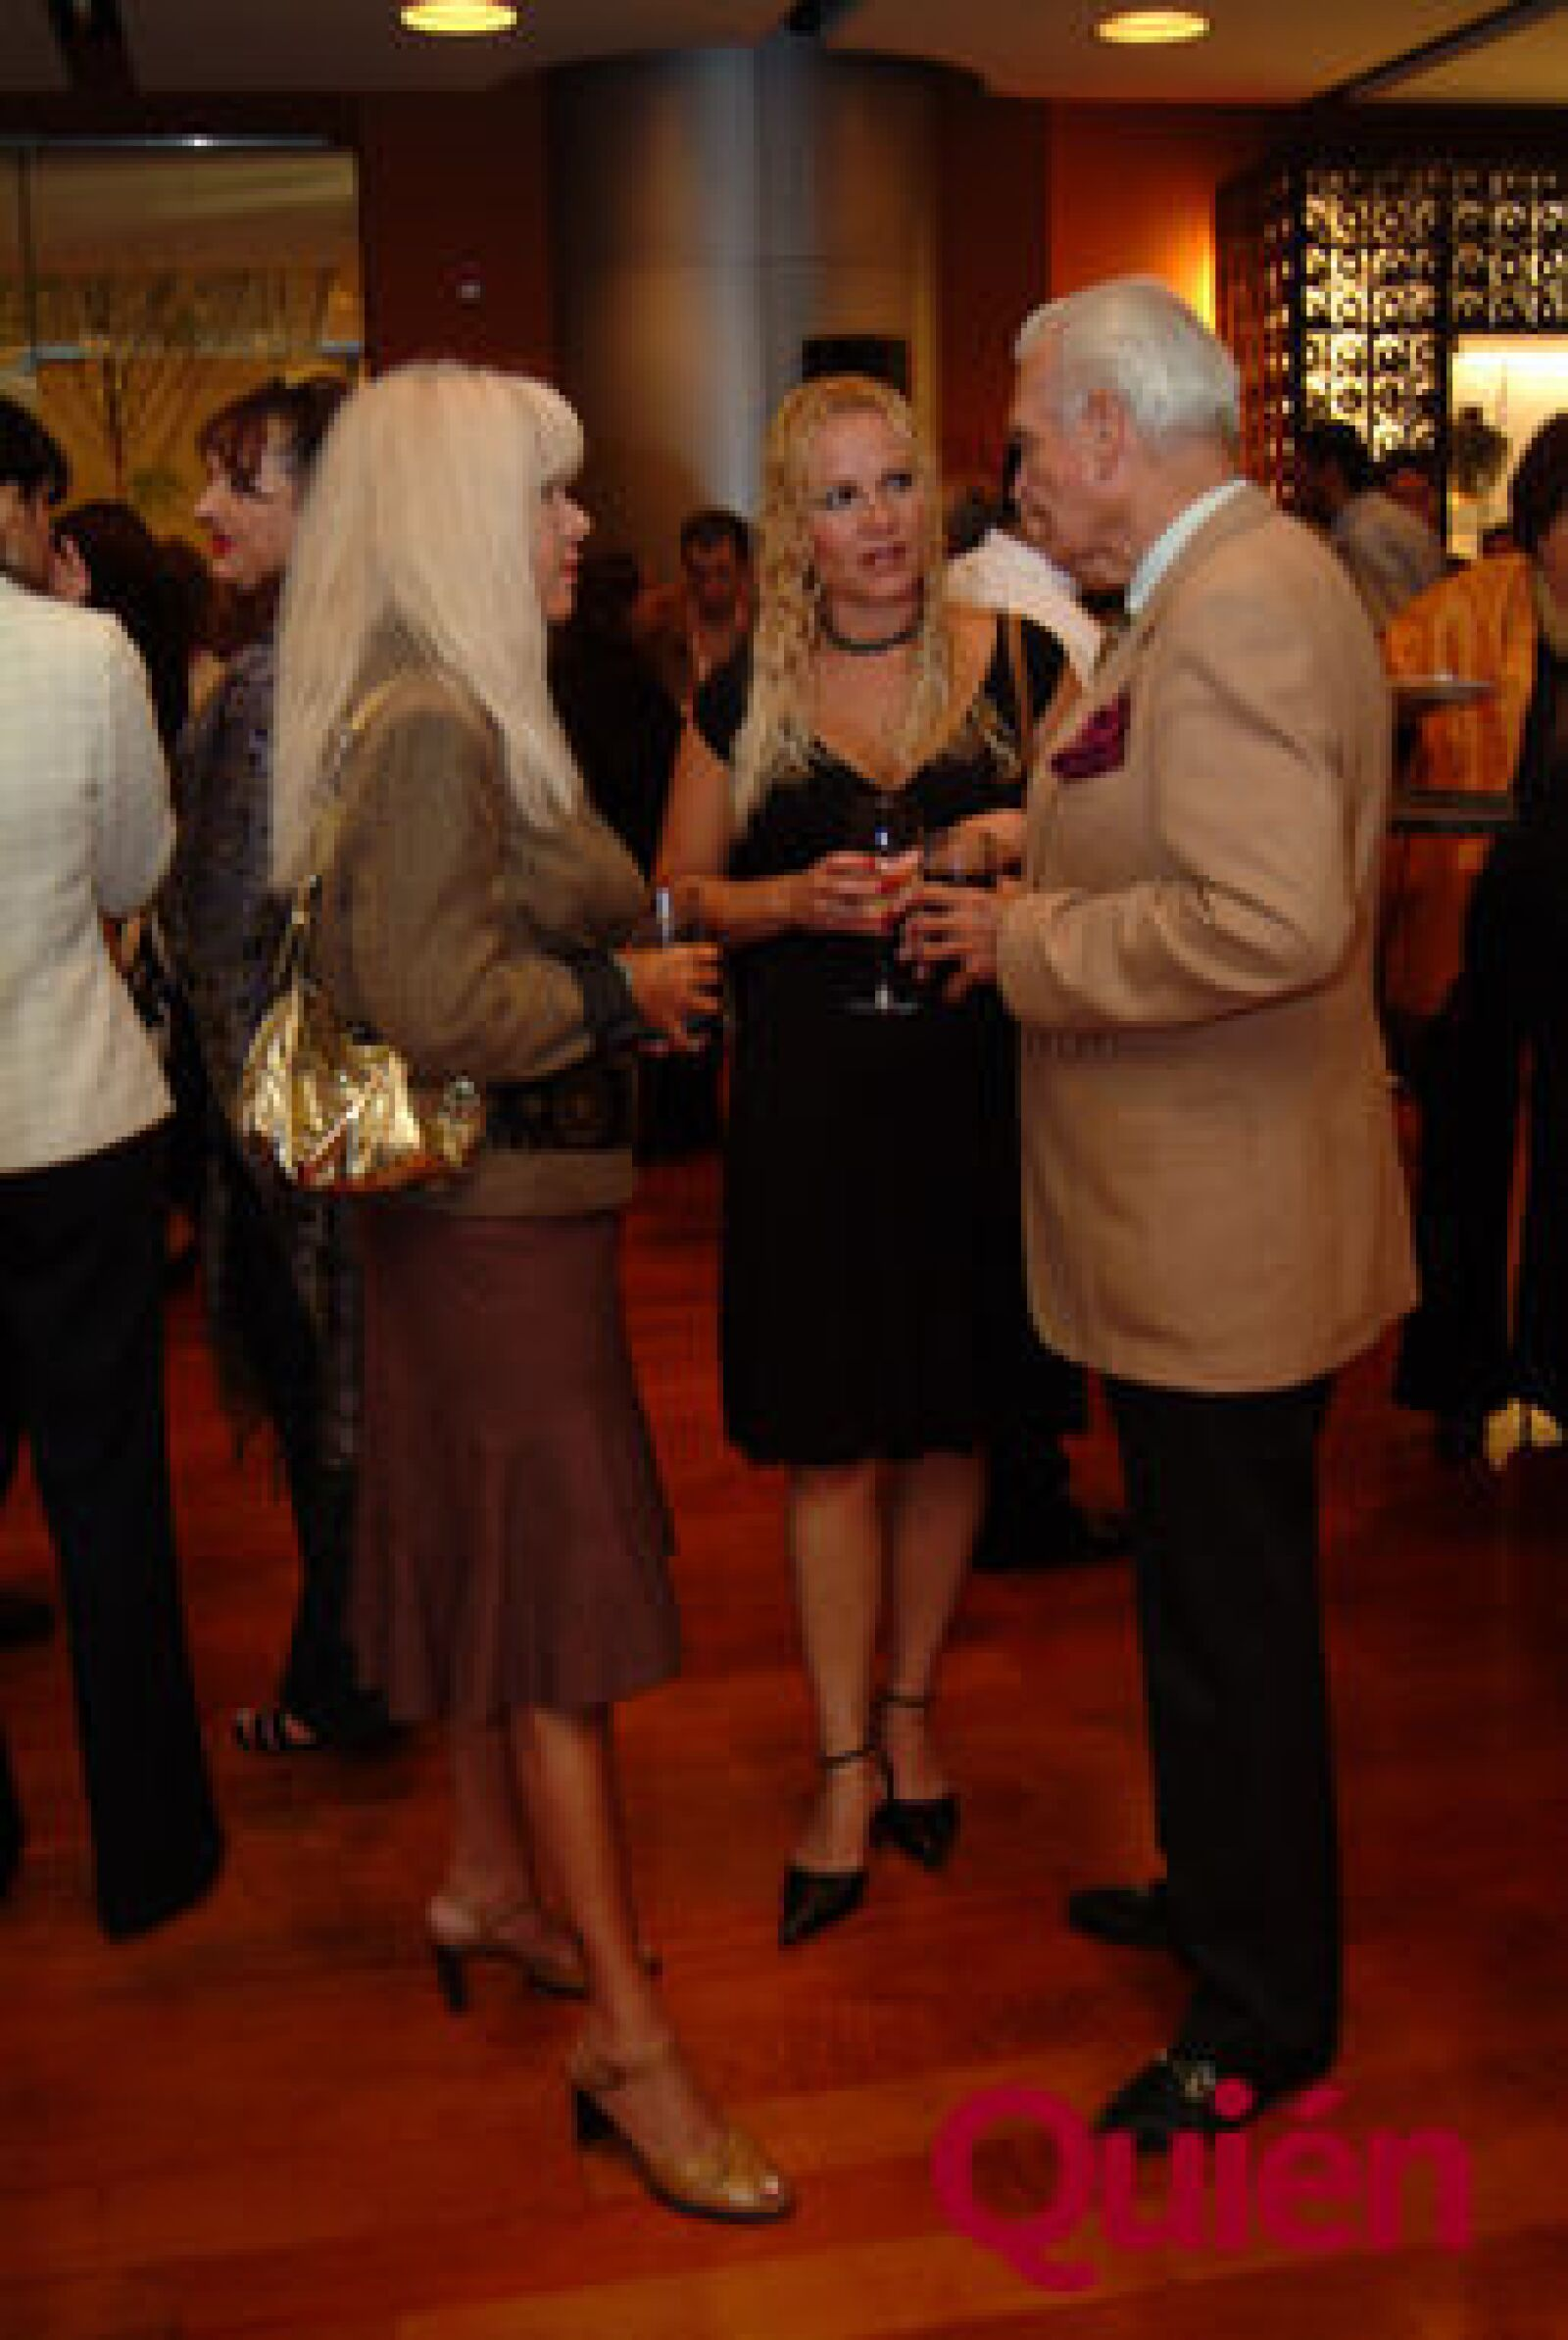 Terry Santa Ancargelo, Leila Miles, David Guijarro